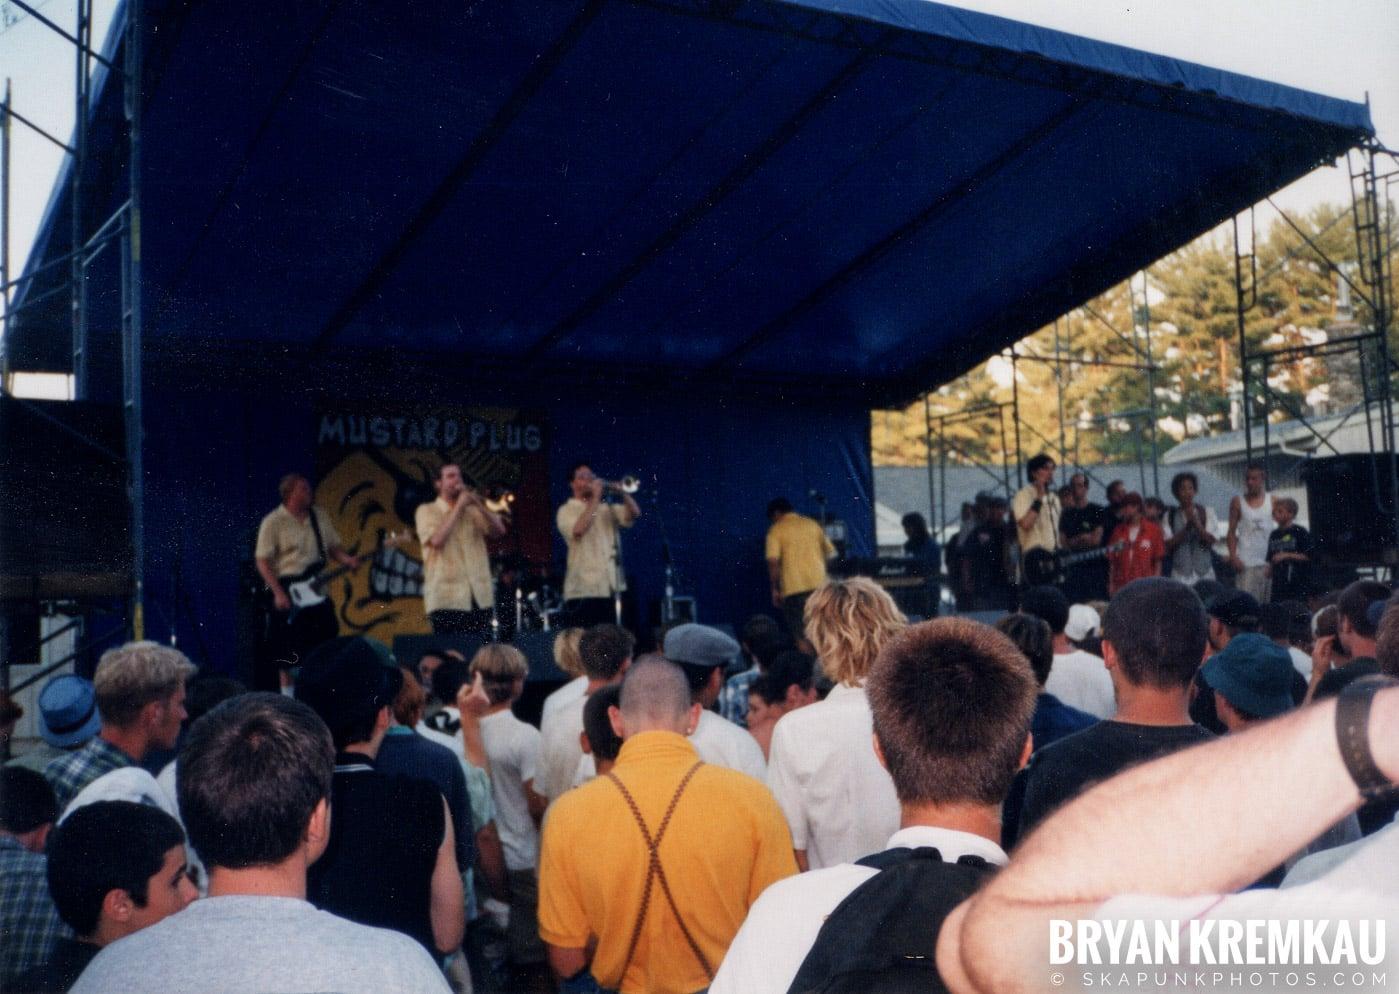 Mustard Plug @ New England Ska Fest 98, Westford, MA - 8.22.98 (4)